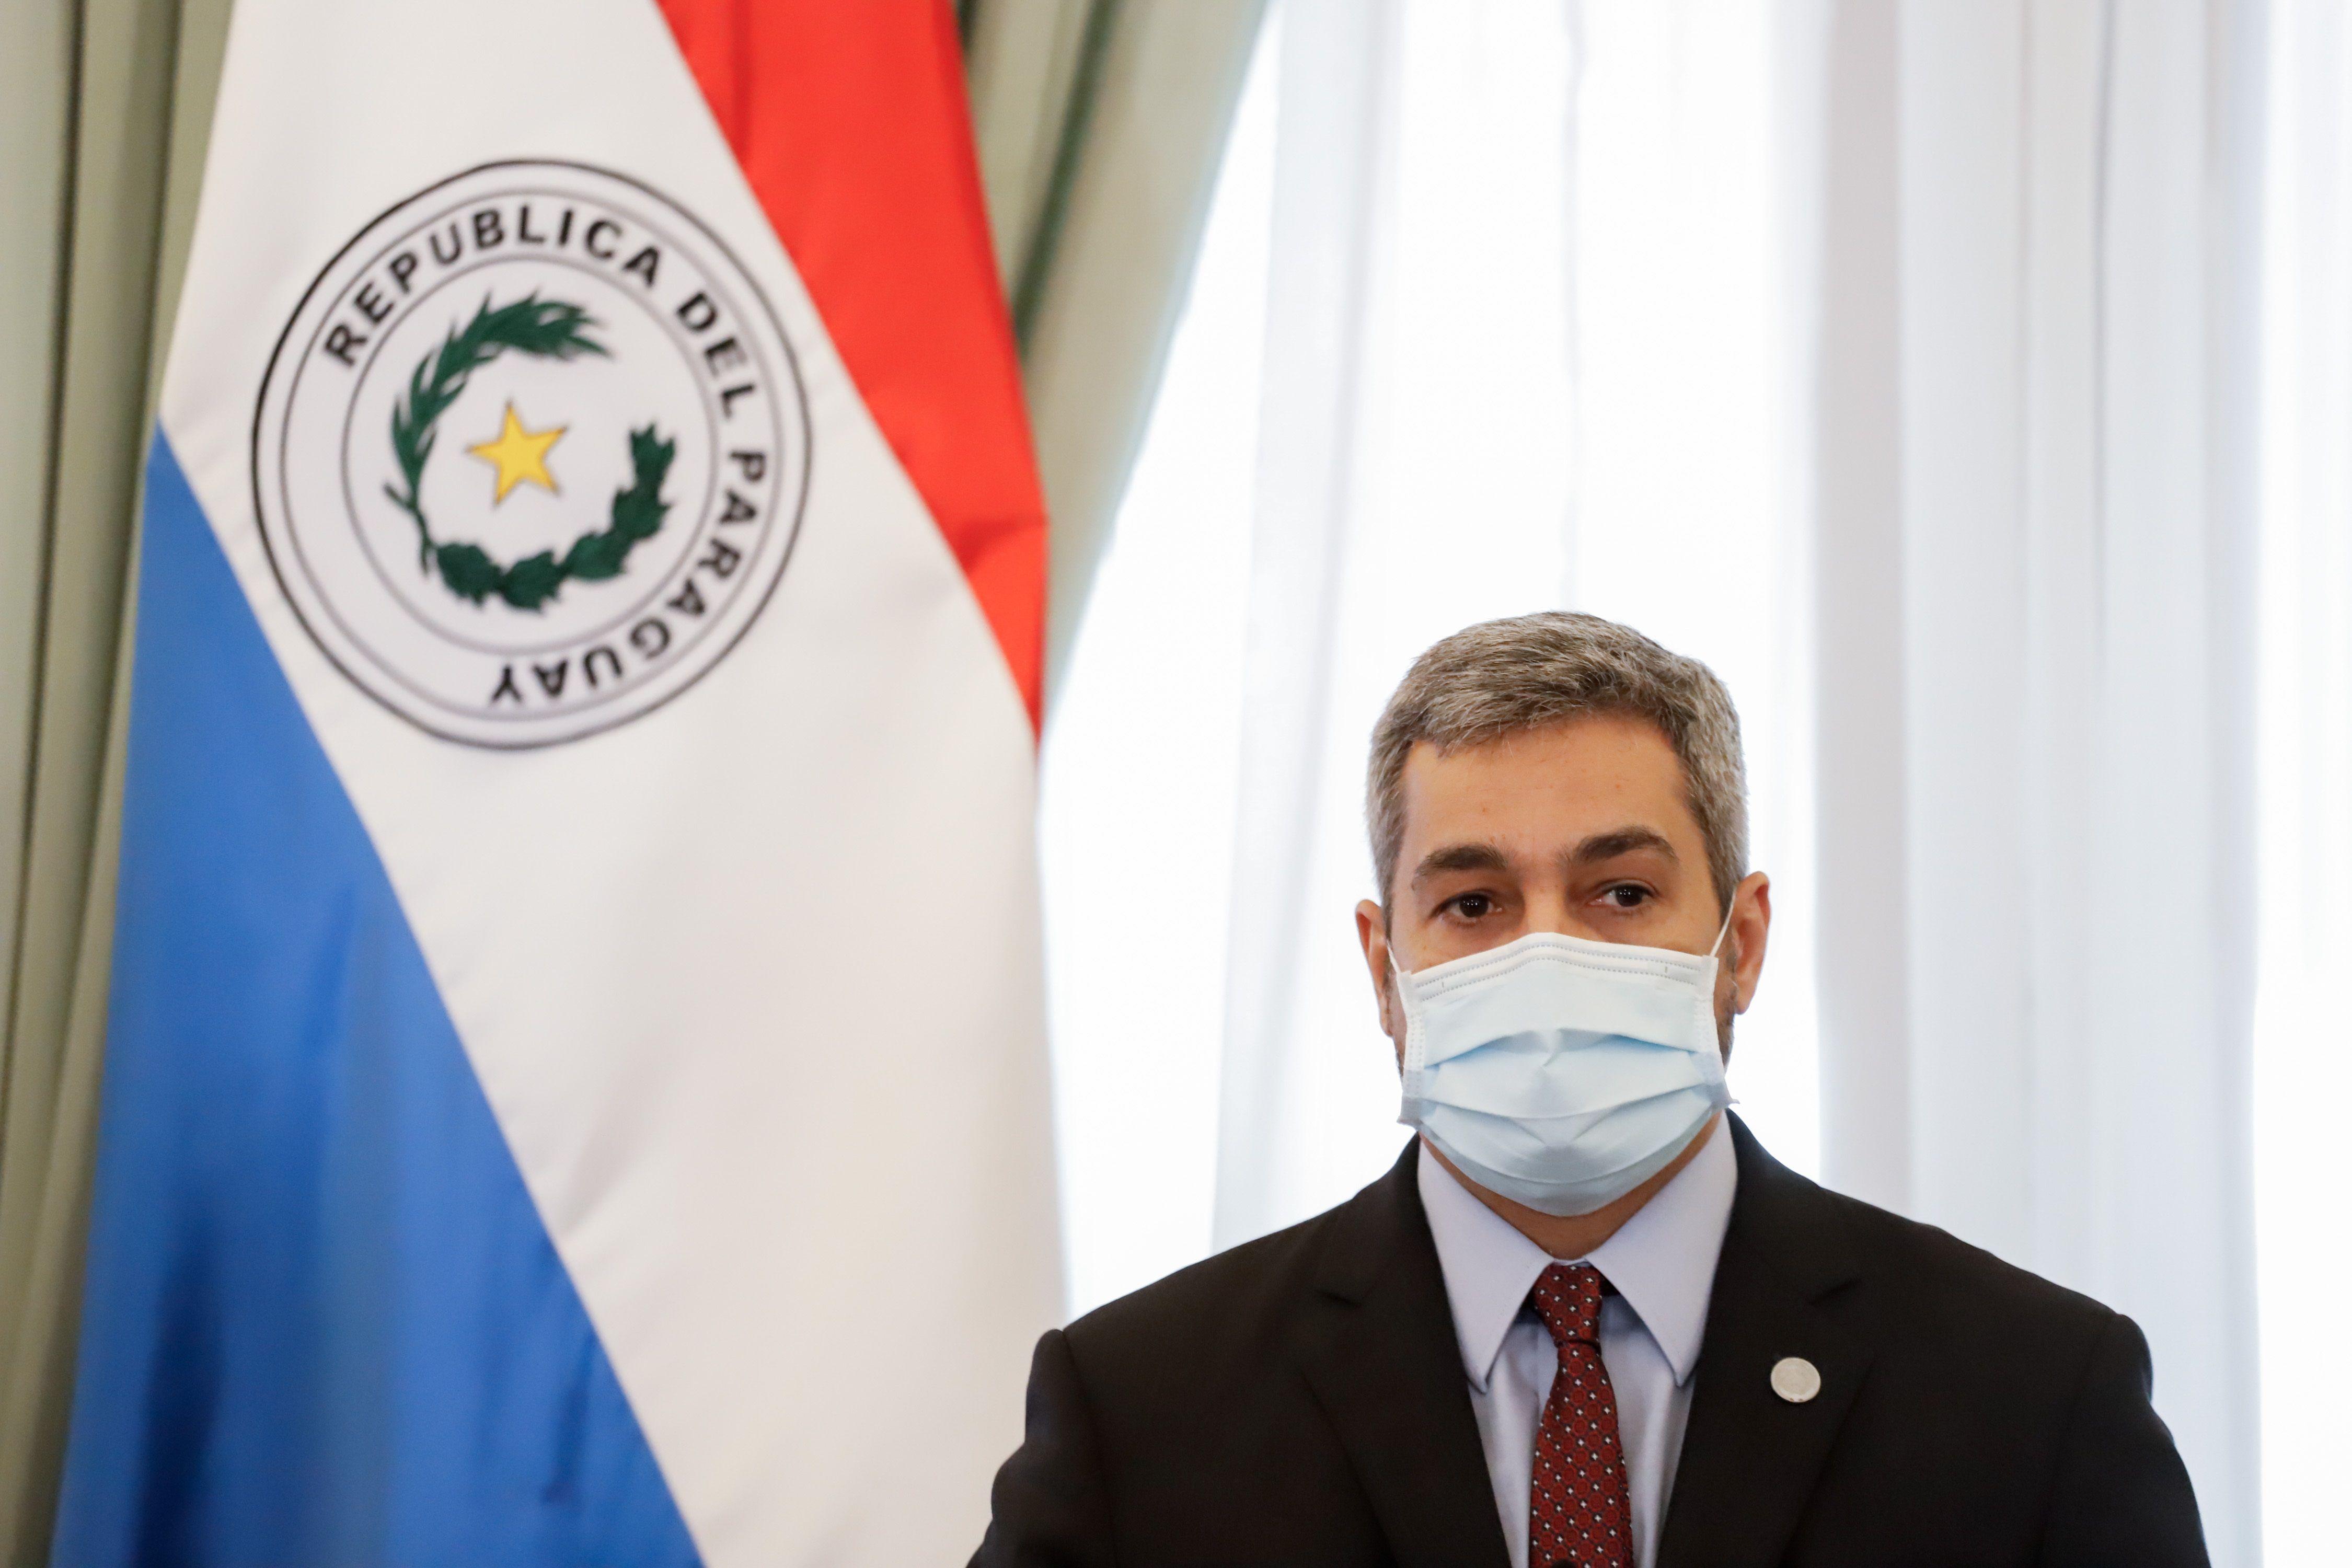 El presidente de Paraguay, Mario Abdo Benítez, el pasado lunes.